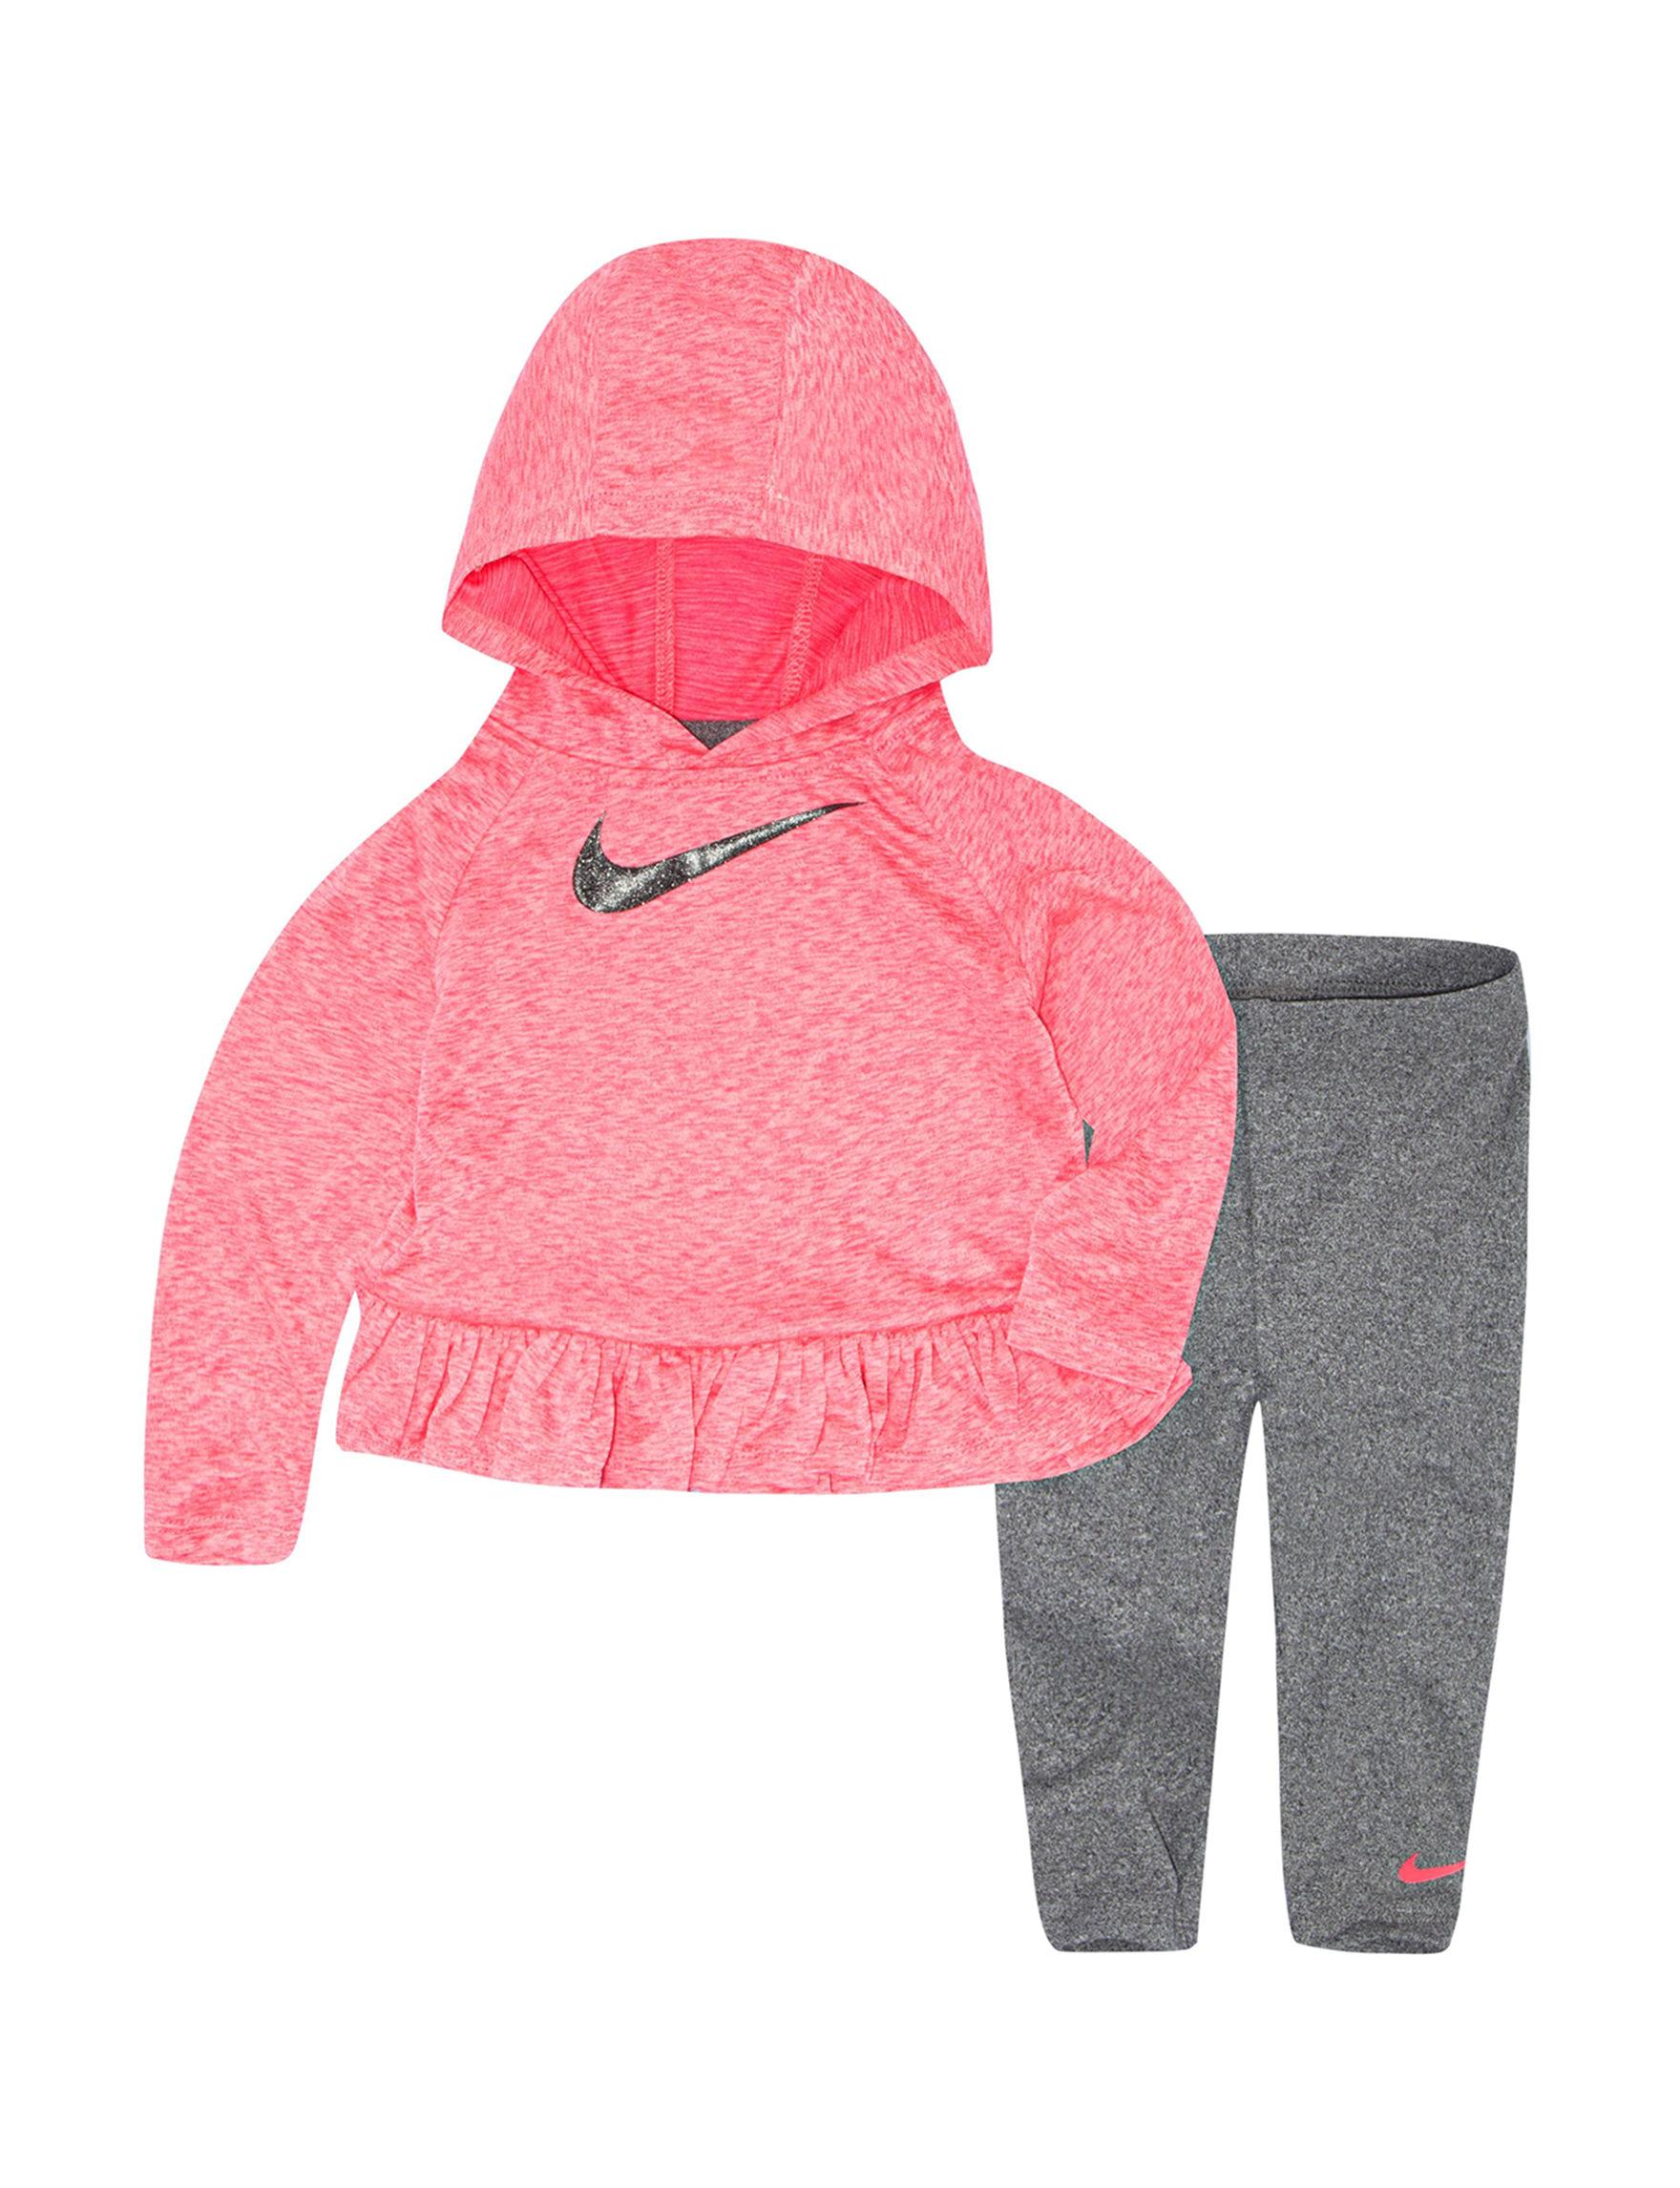 Nike Heather Pink